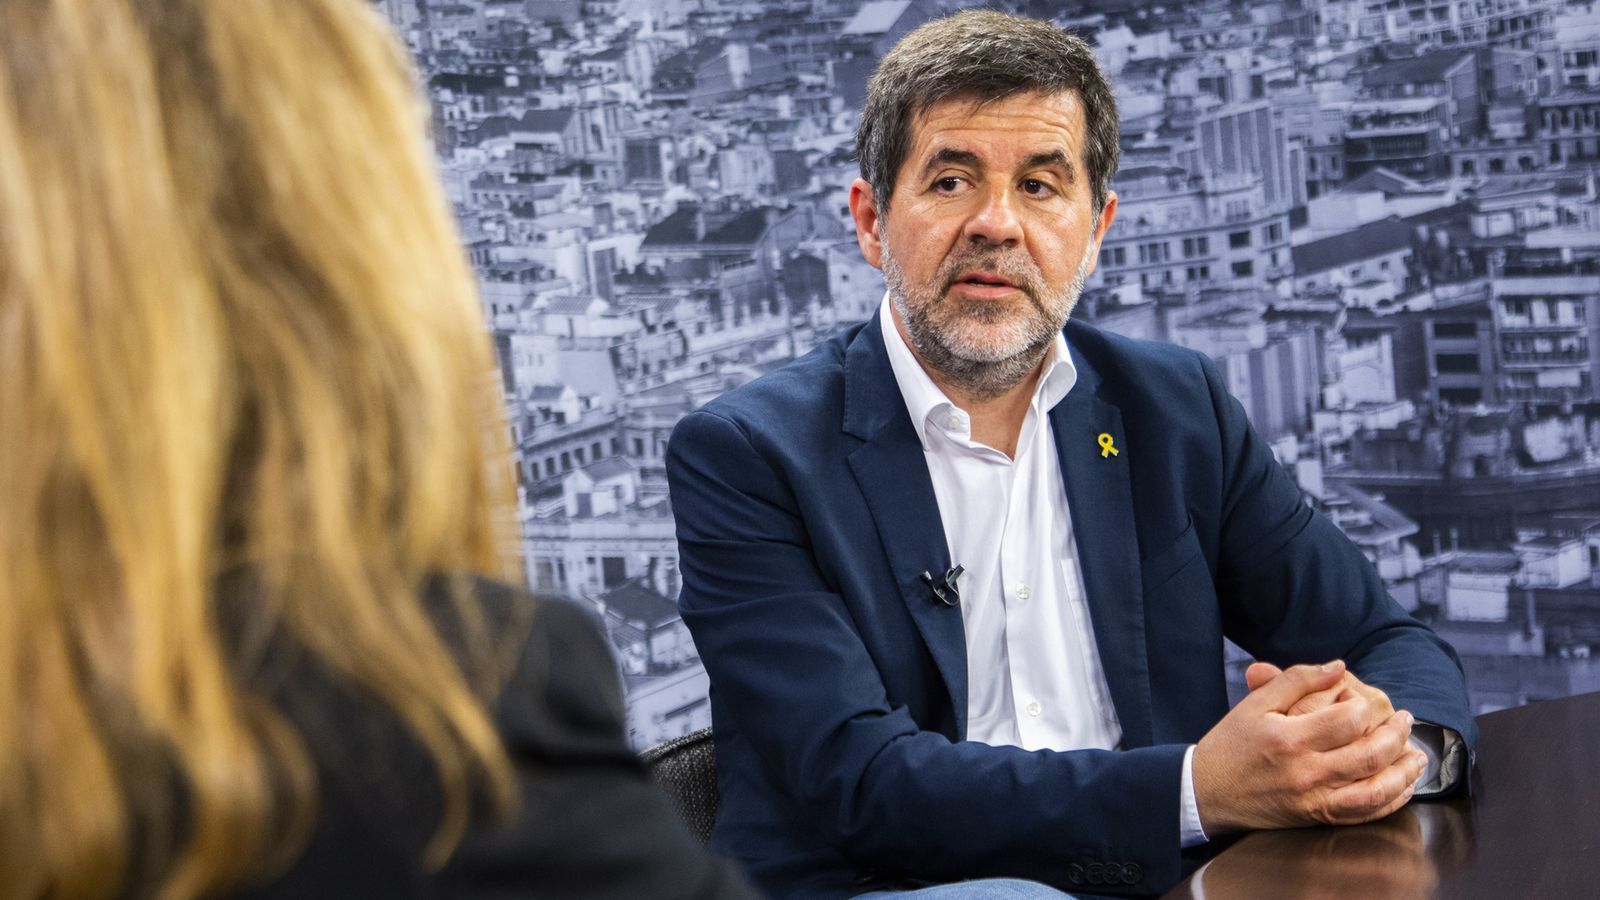 L'anàlisi d'Antoni Bassas: 'Jordi Sànchez davant la taula de diàleg'